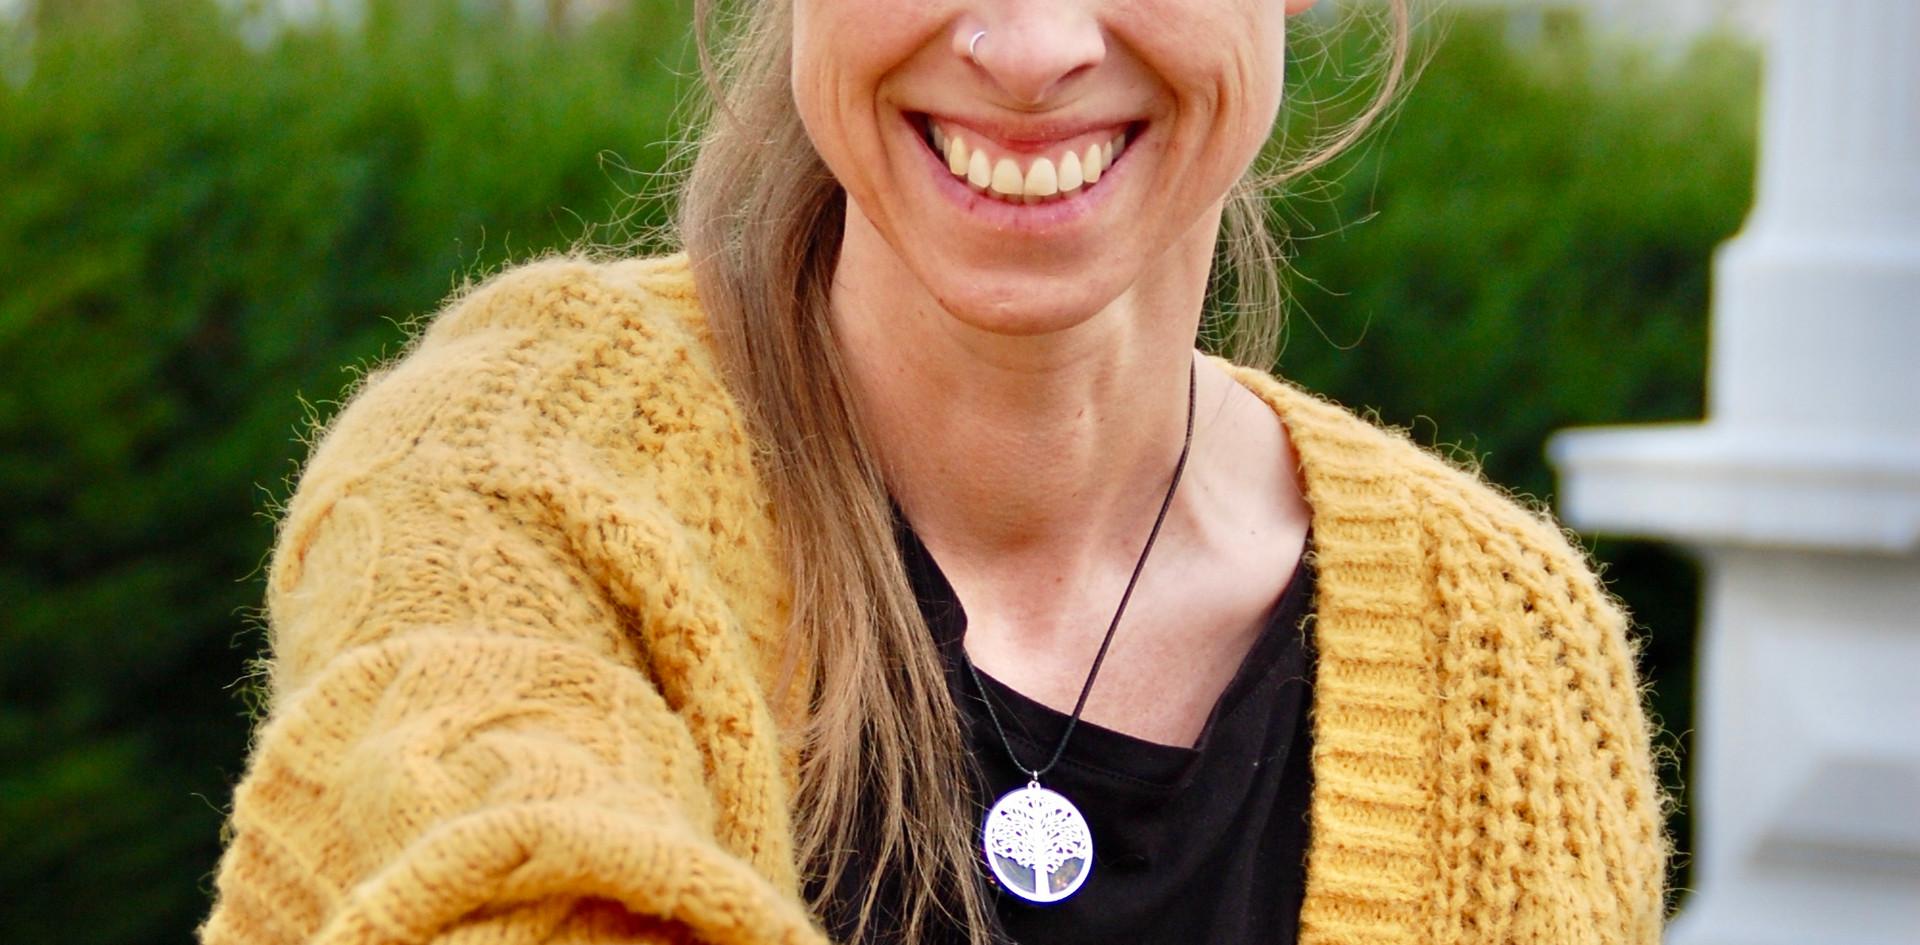 Christina Stiglmeier